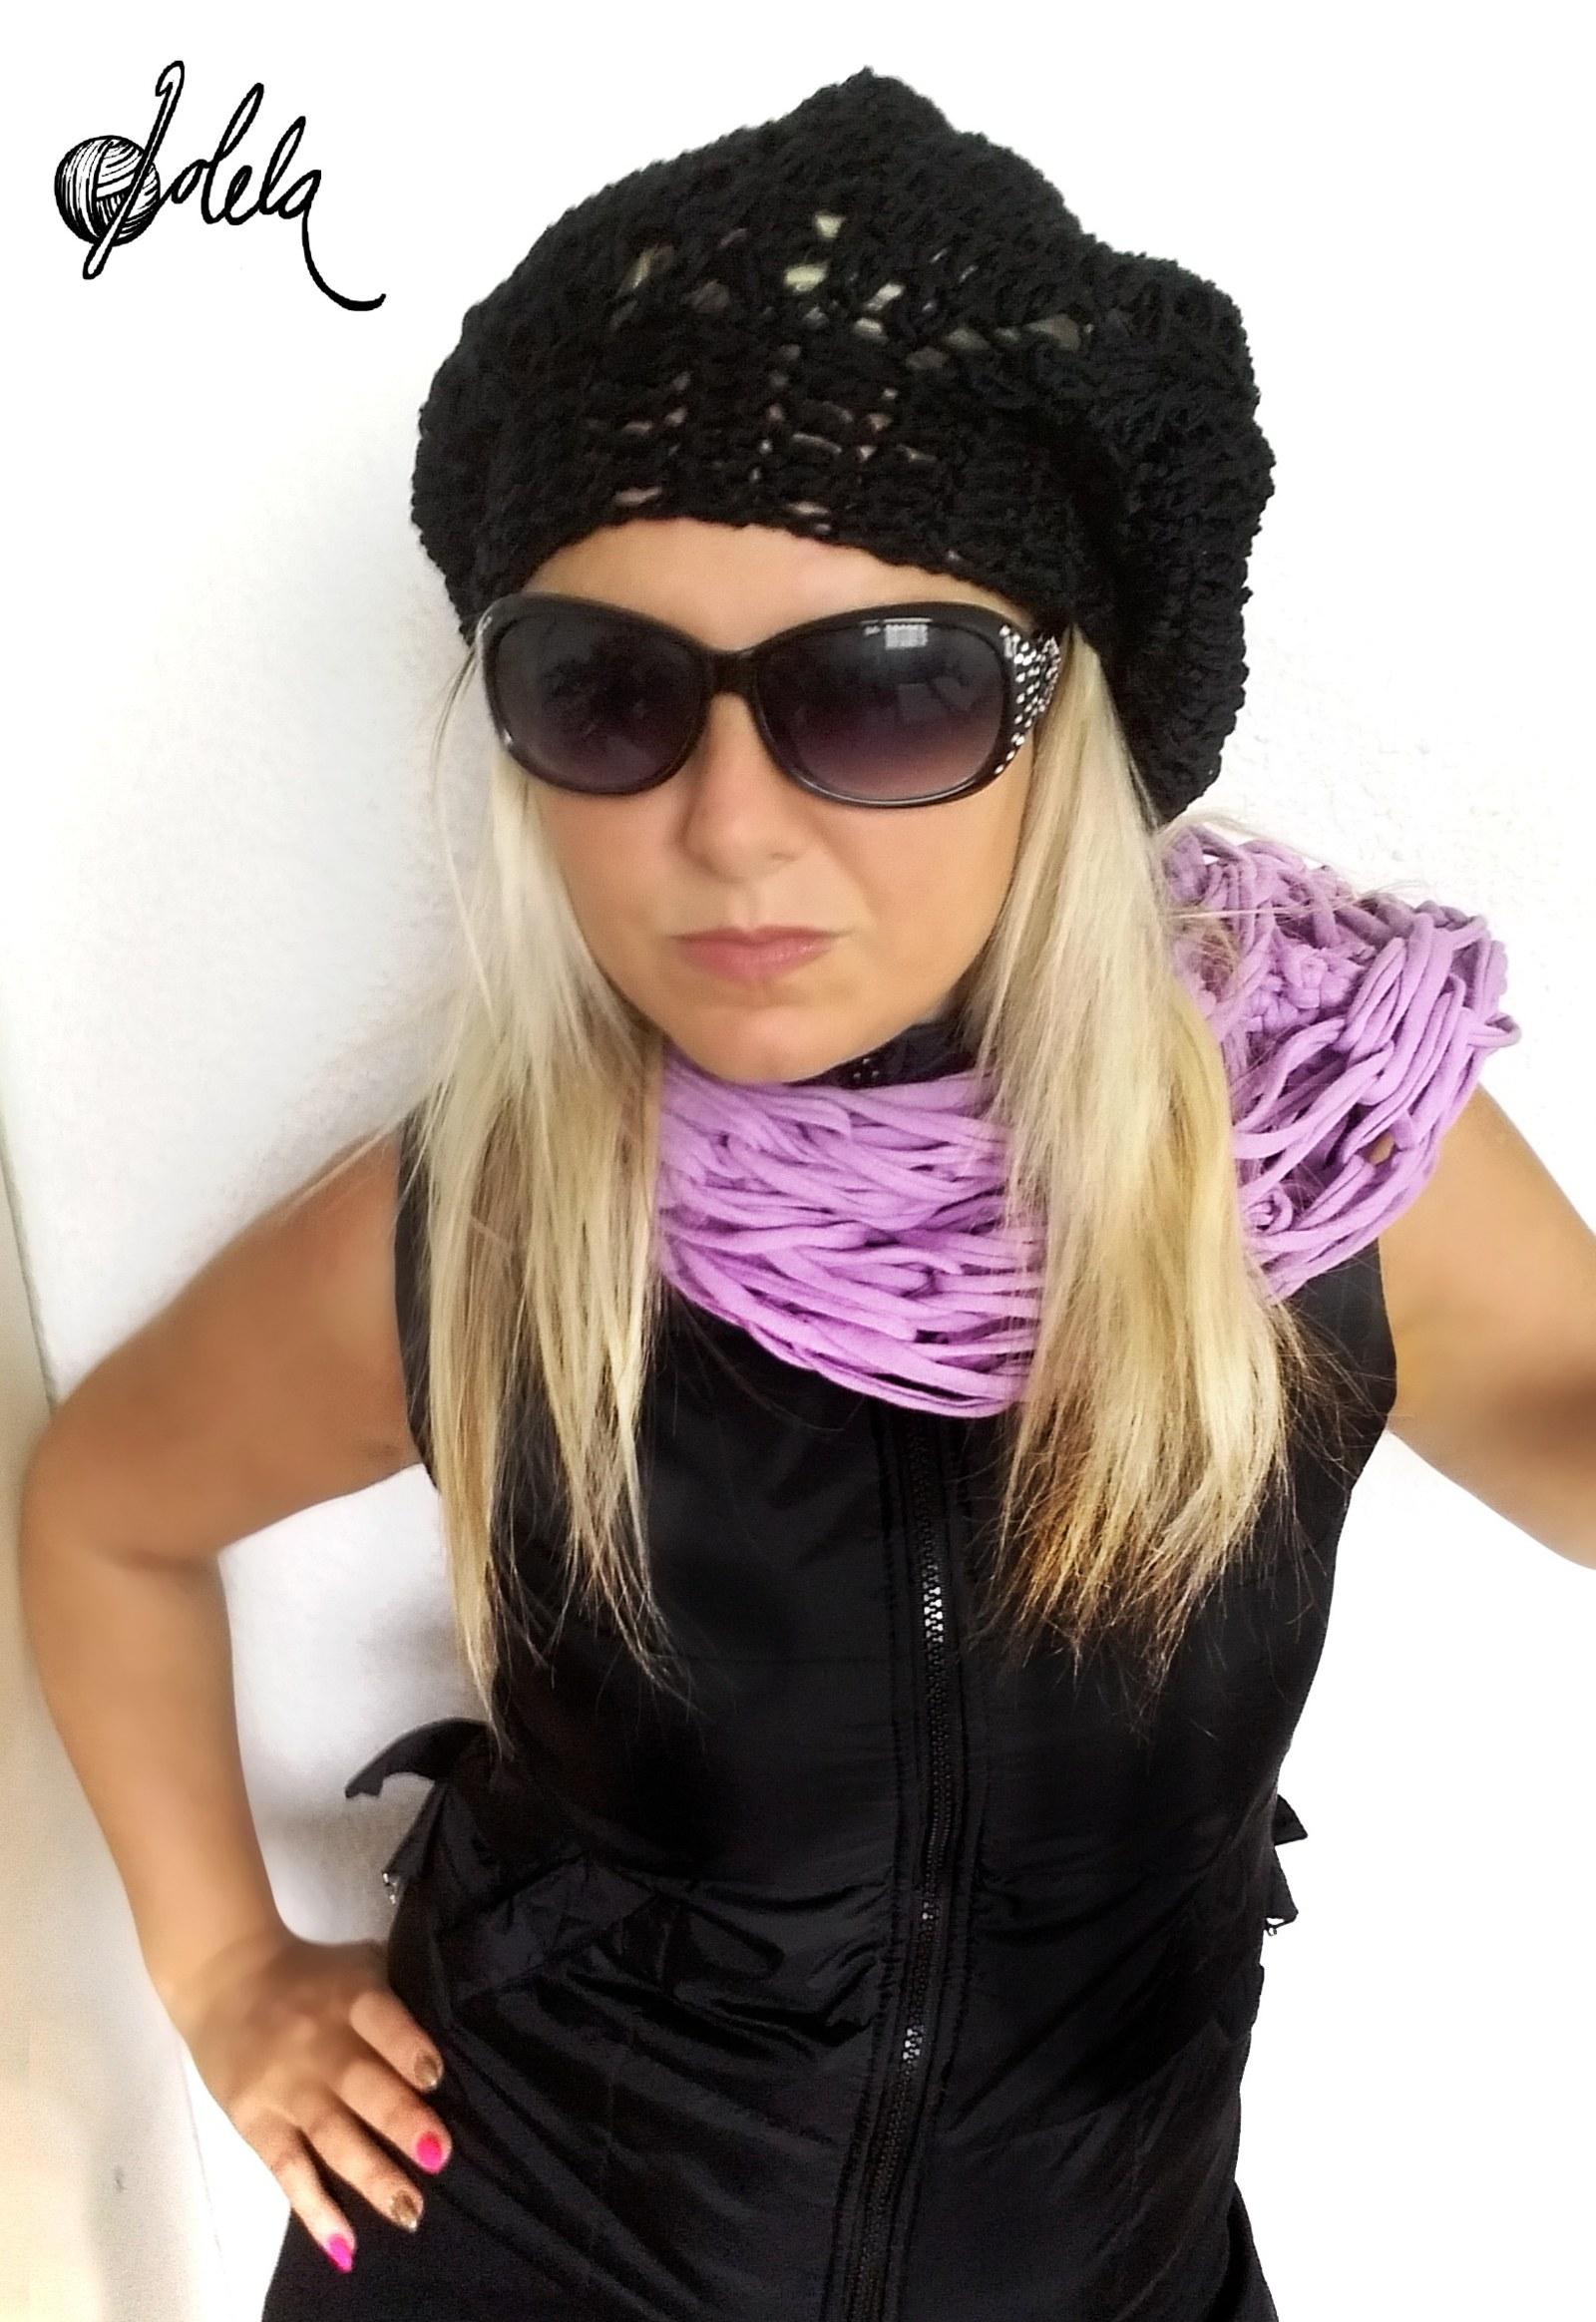 Háčkovaný baret - černý   Zboží prodejce dolela  cbe465184b